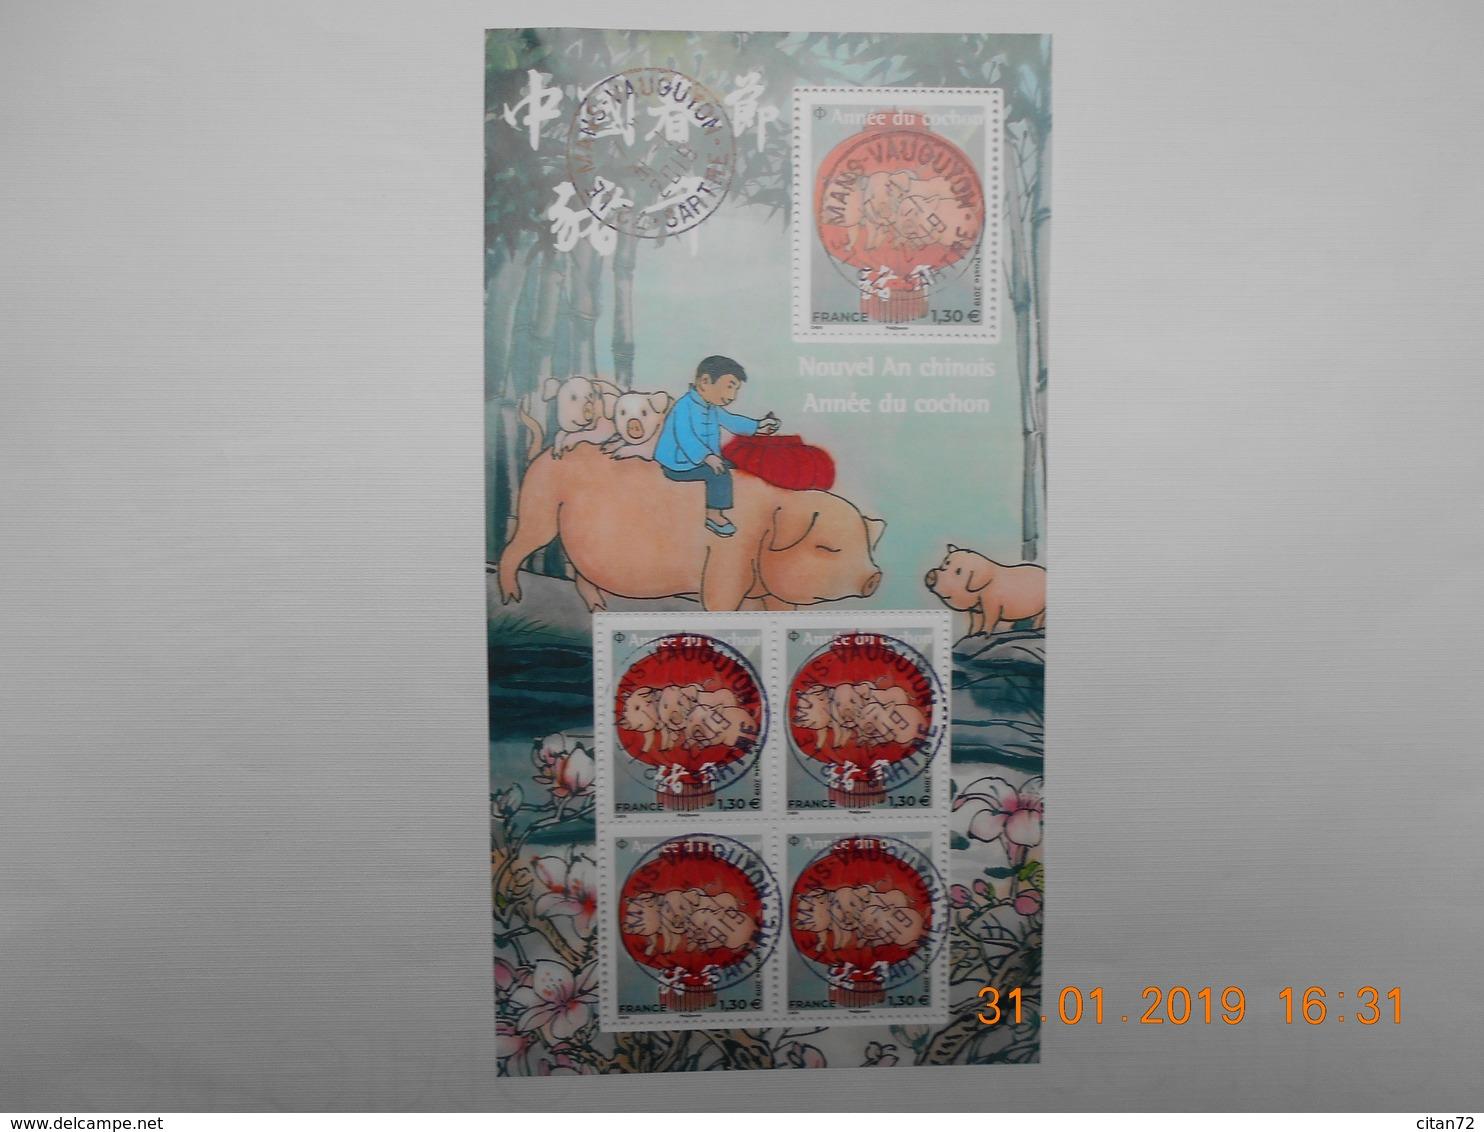 FRANCE 2019  Feuillet NOUVEL AN CHINOIS Année Du Cochon A 1.30€  Beaux Cachets Ronds Sur Timbres  Neufs - France